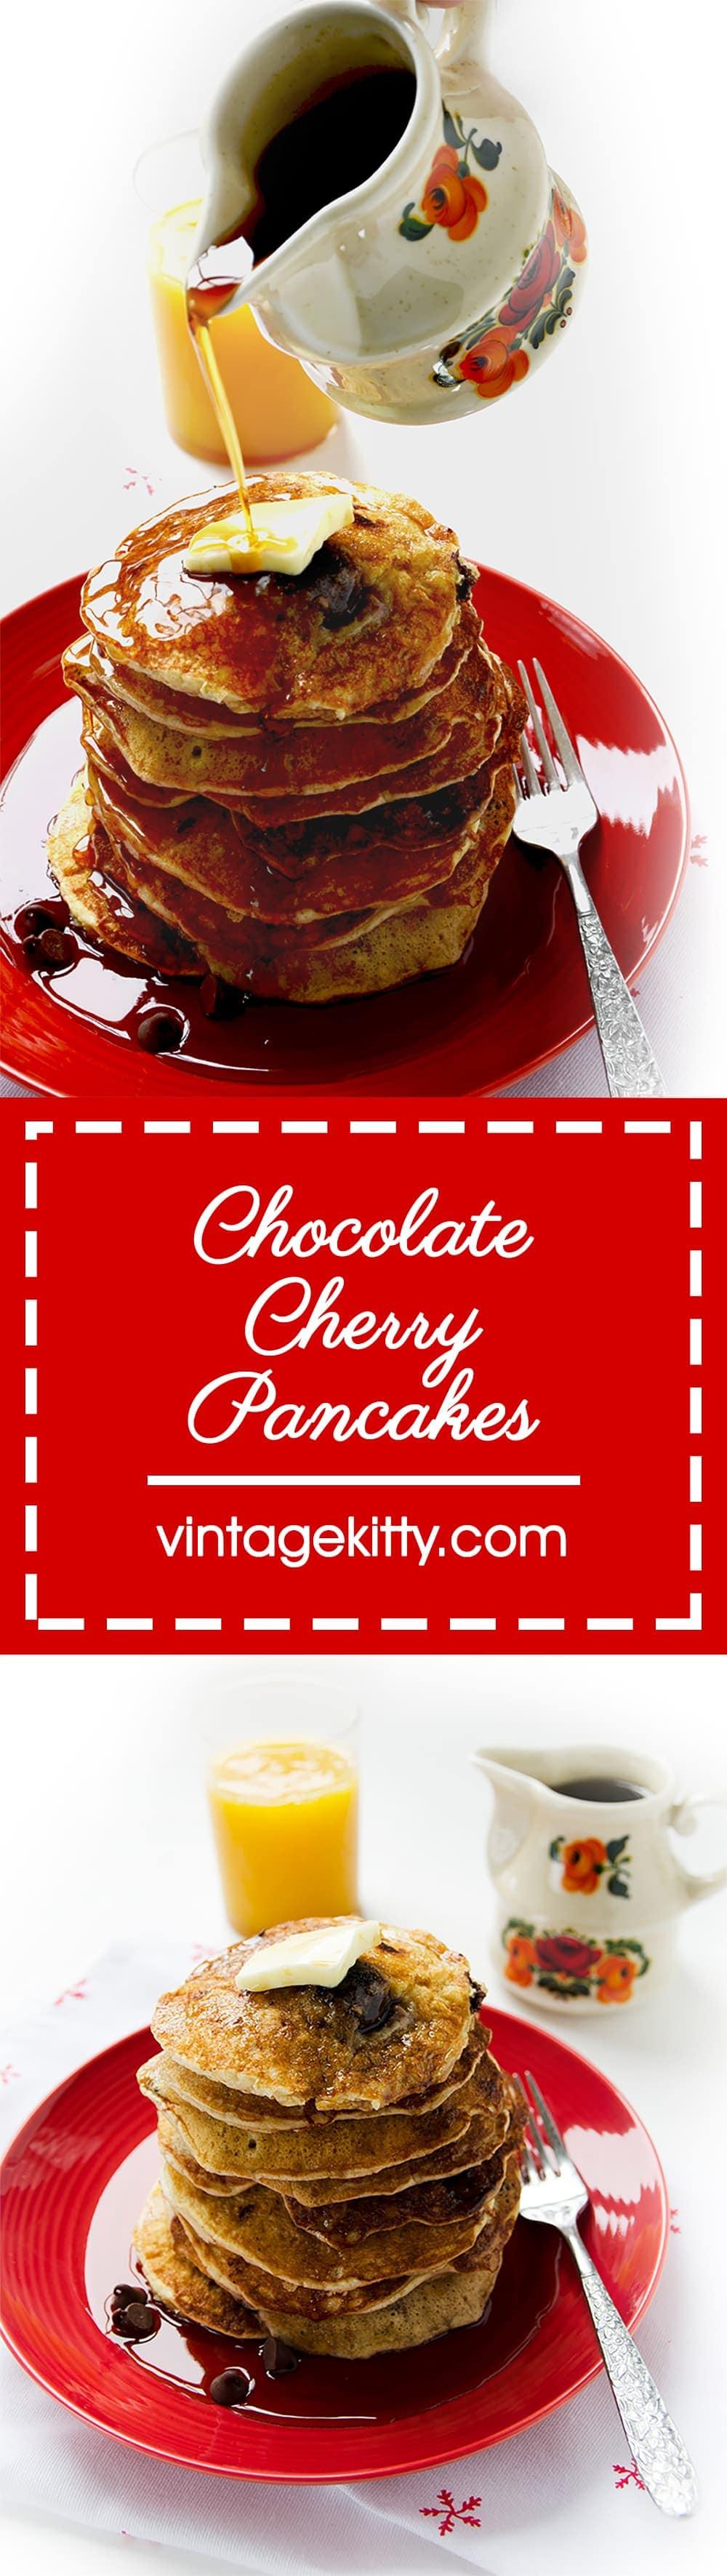 Chocolate Cherry Pancakes Pin - Chocolate Cherry Pancakes